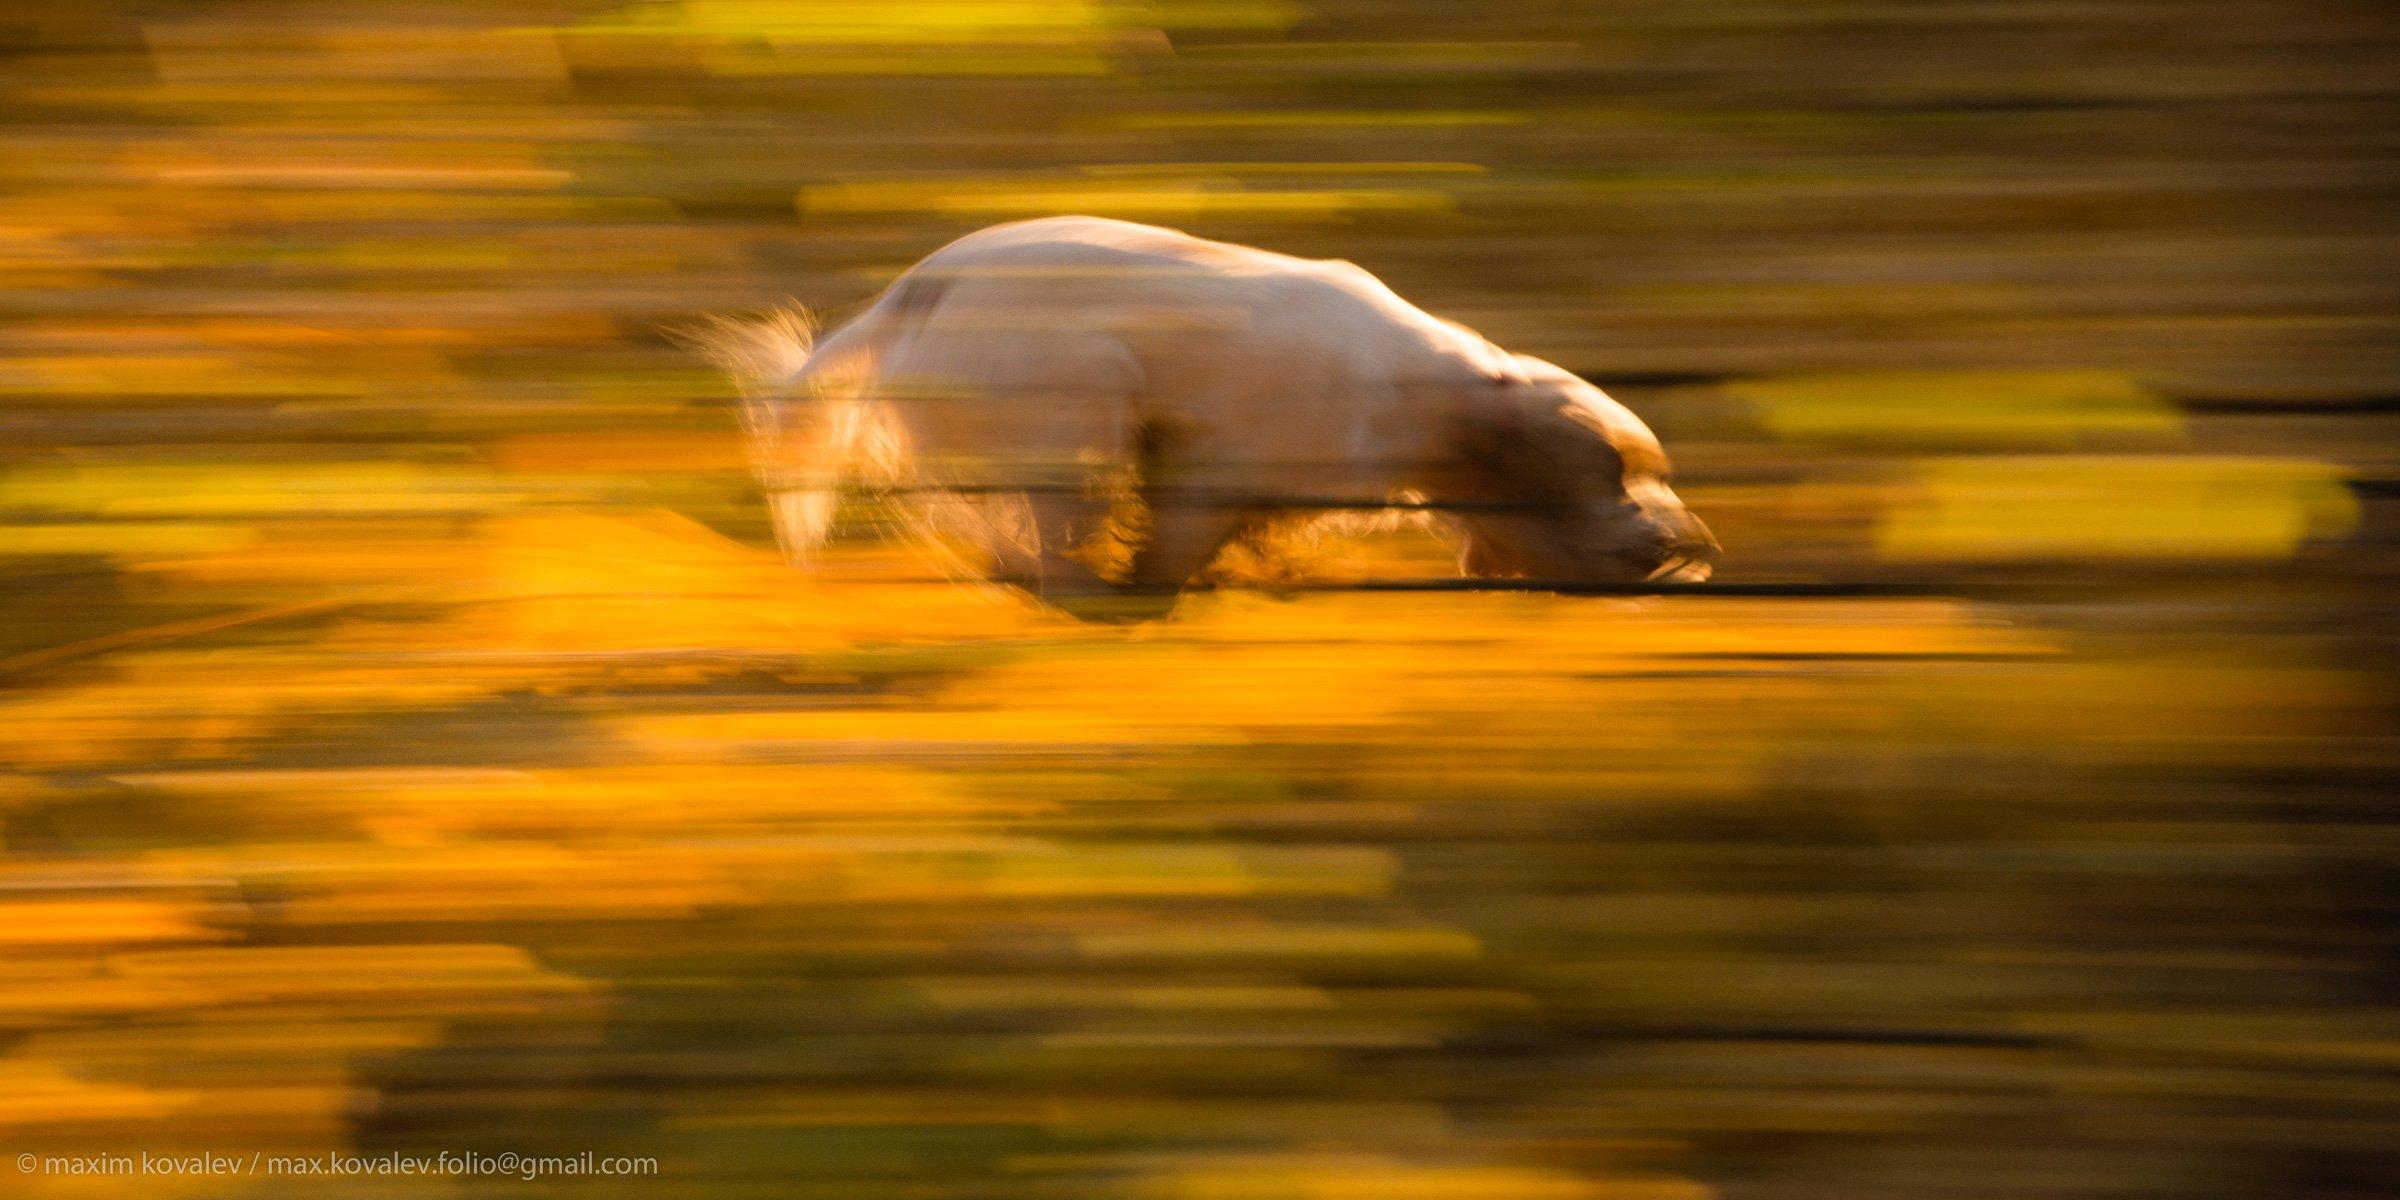 animal, autumn, dog, flight, foliage, leaf, leaves, morning, motion, nature, running, yellow, бег, движение, животное, жёлтый, лист, листва, листья, осень, парк, полёт, природа, пёс, собака, спаниель, утро, Максим Ковалёв